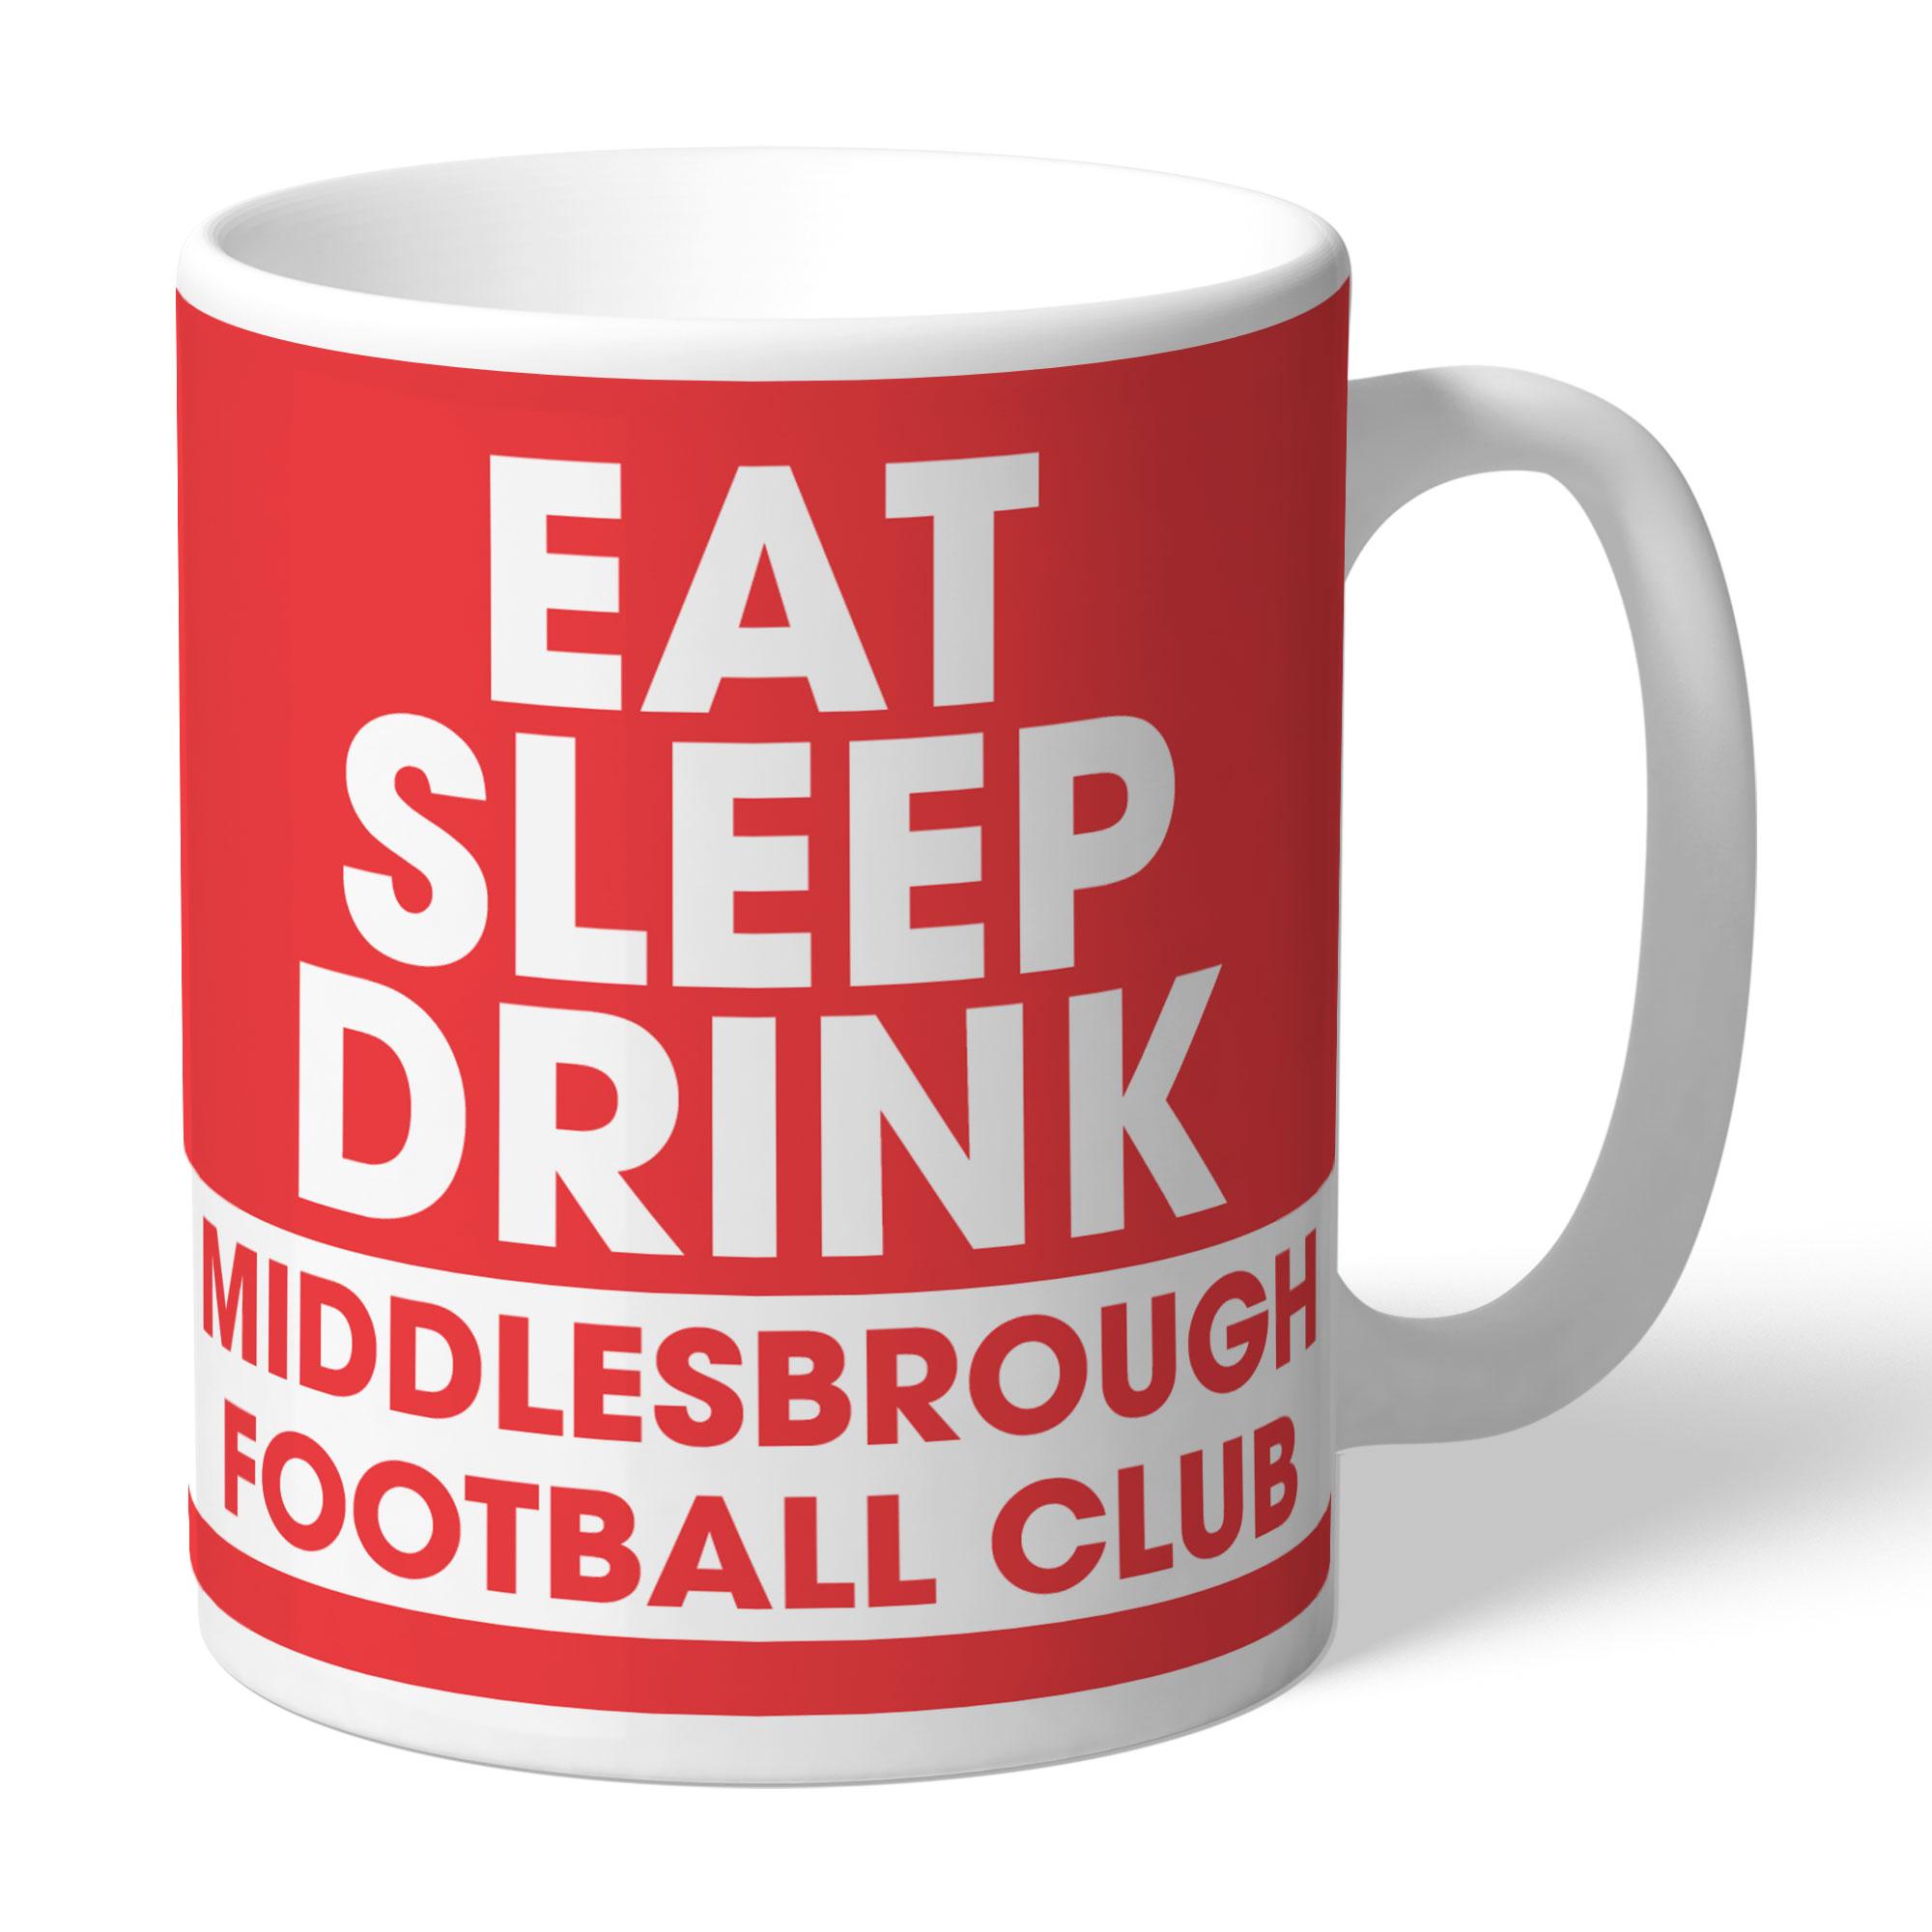 Middlesbrough FC Eat Sleep Drink Mug